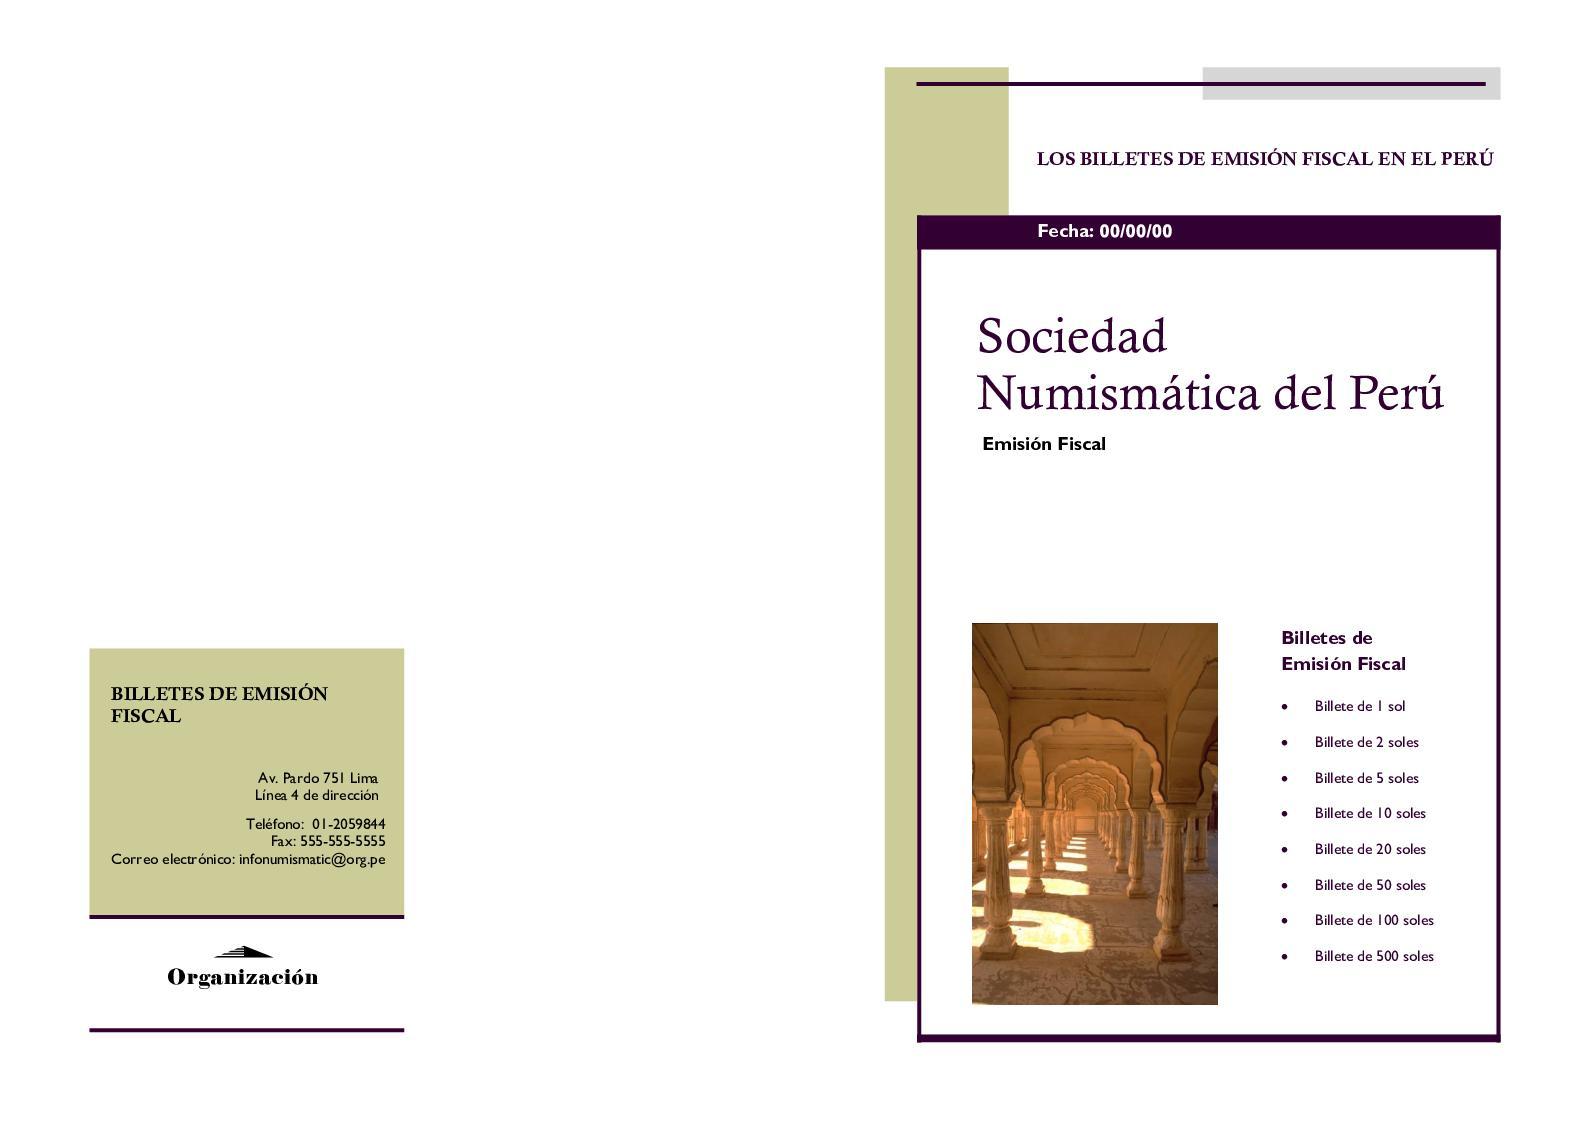 Sociedad Numismática Perú